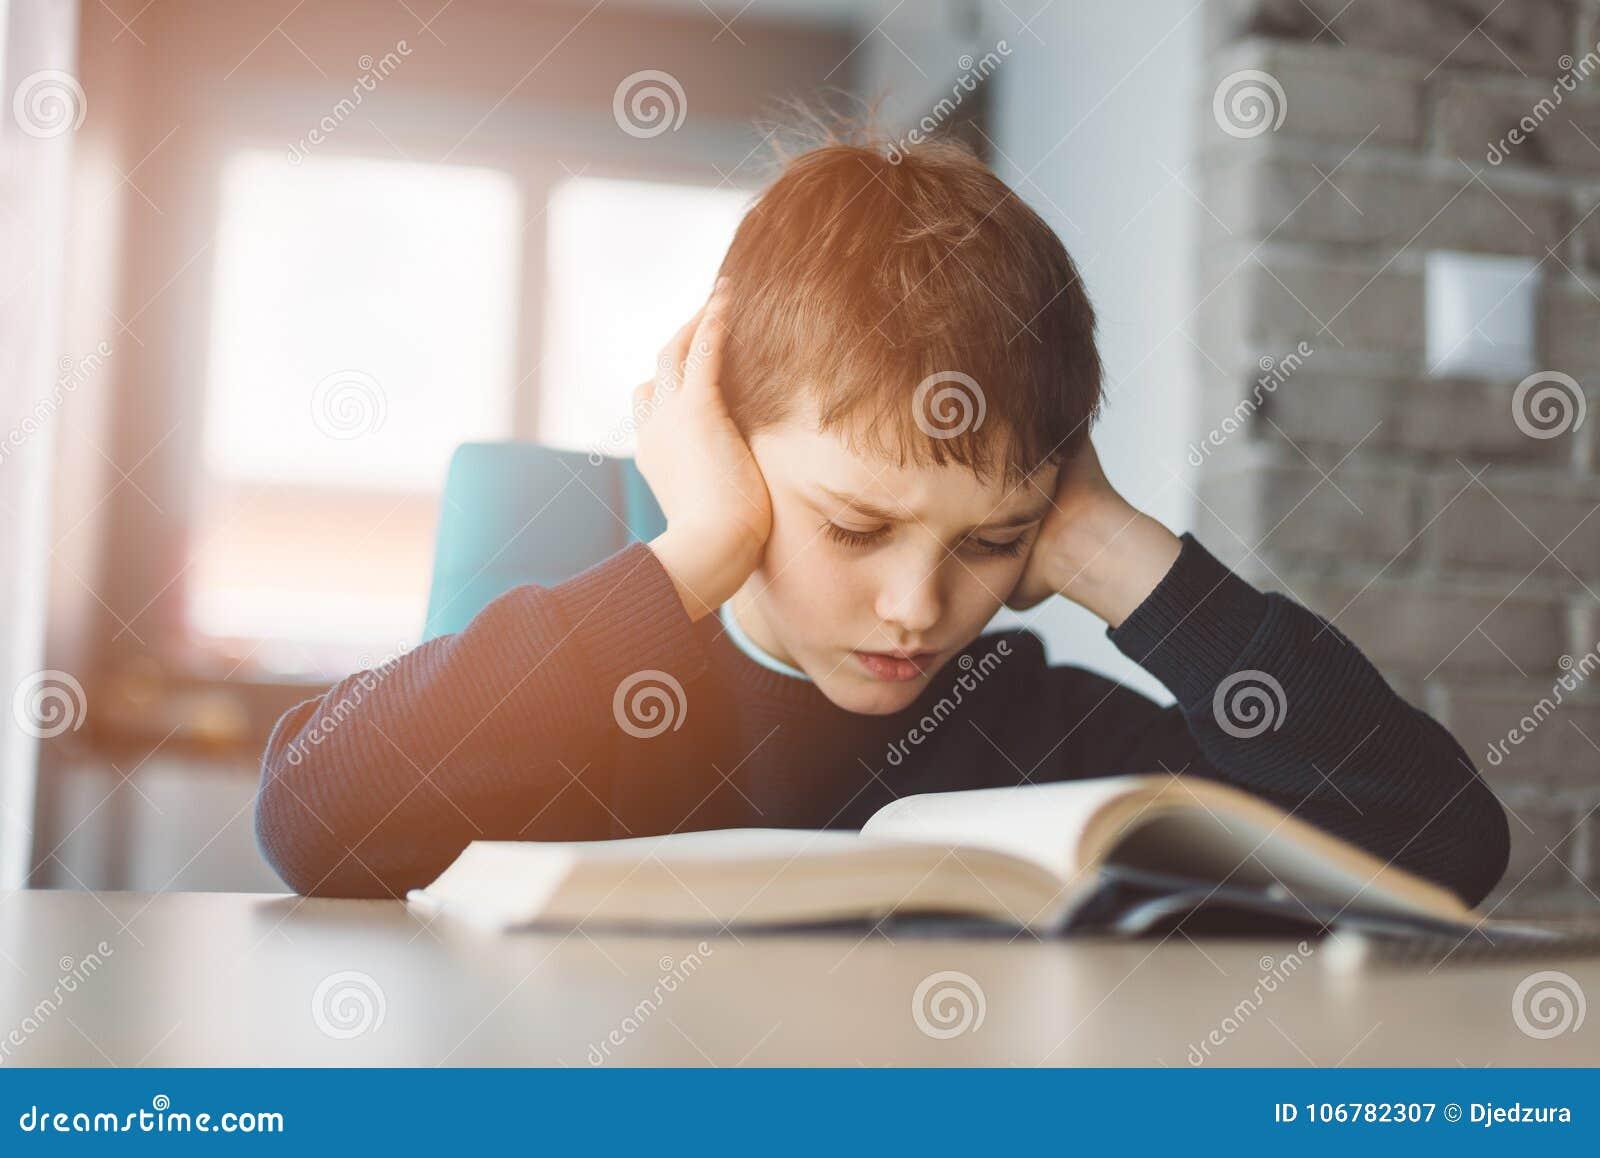 school essay topics in english nceas